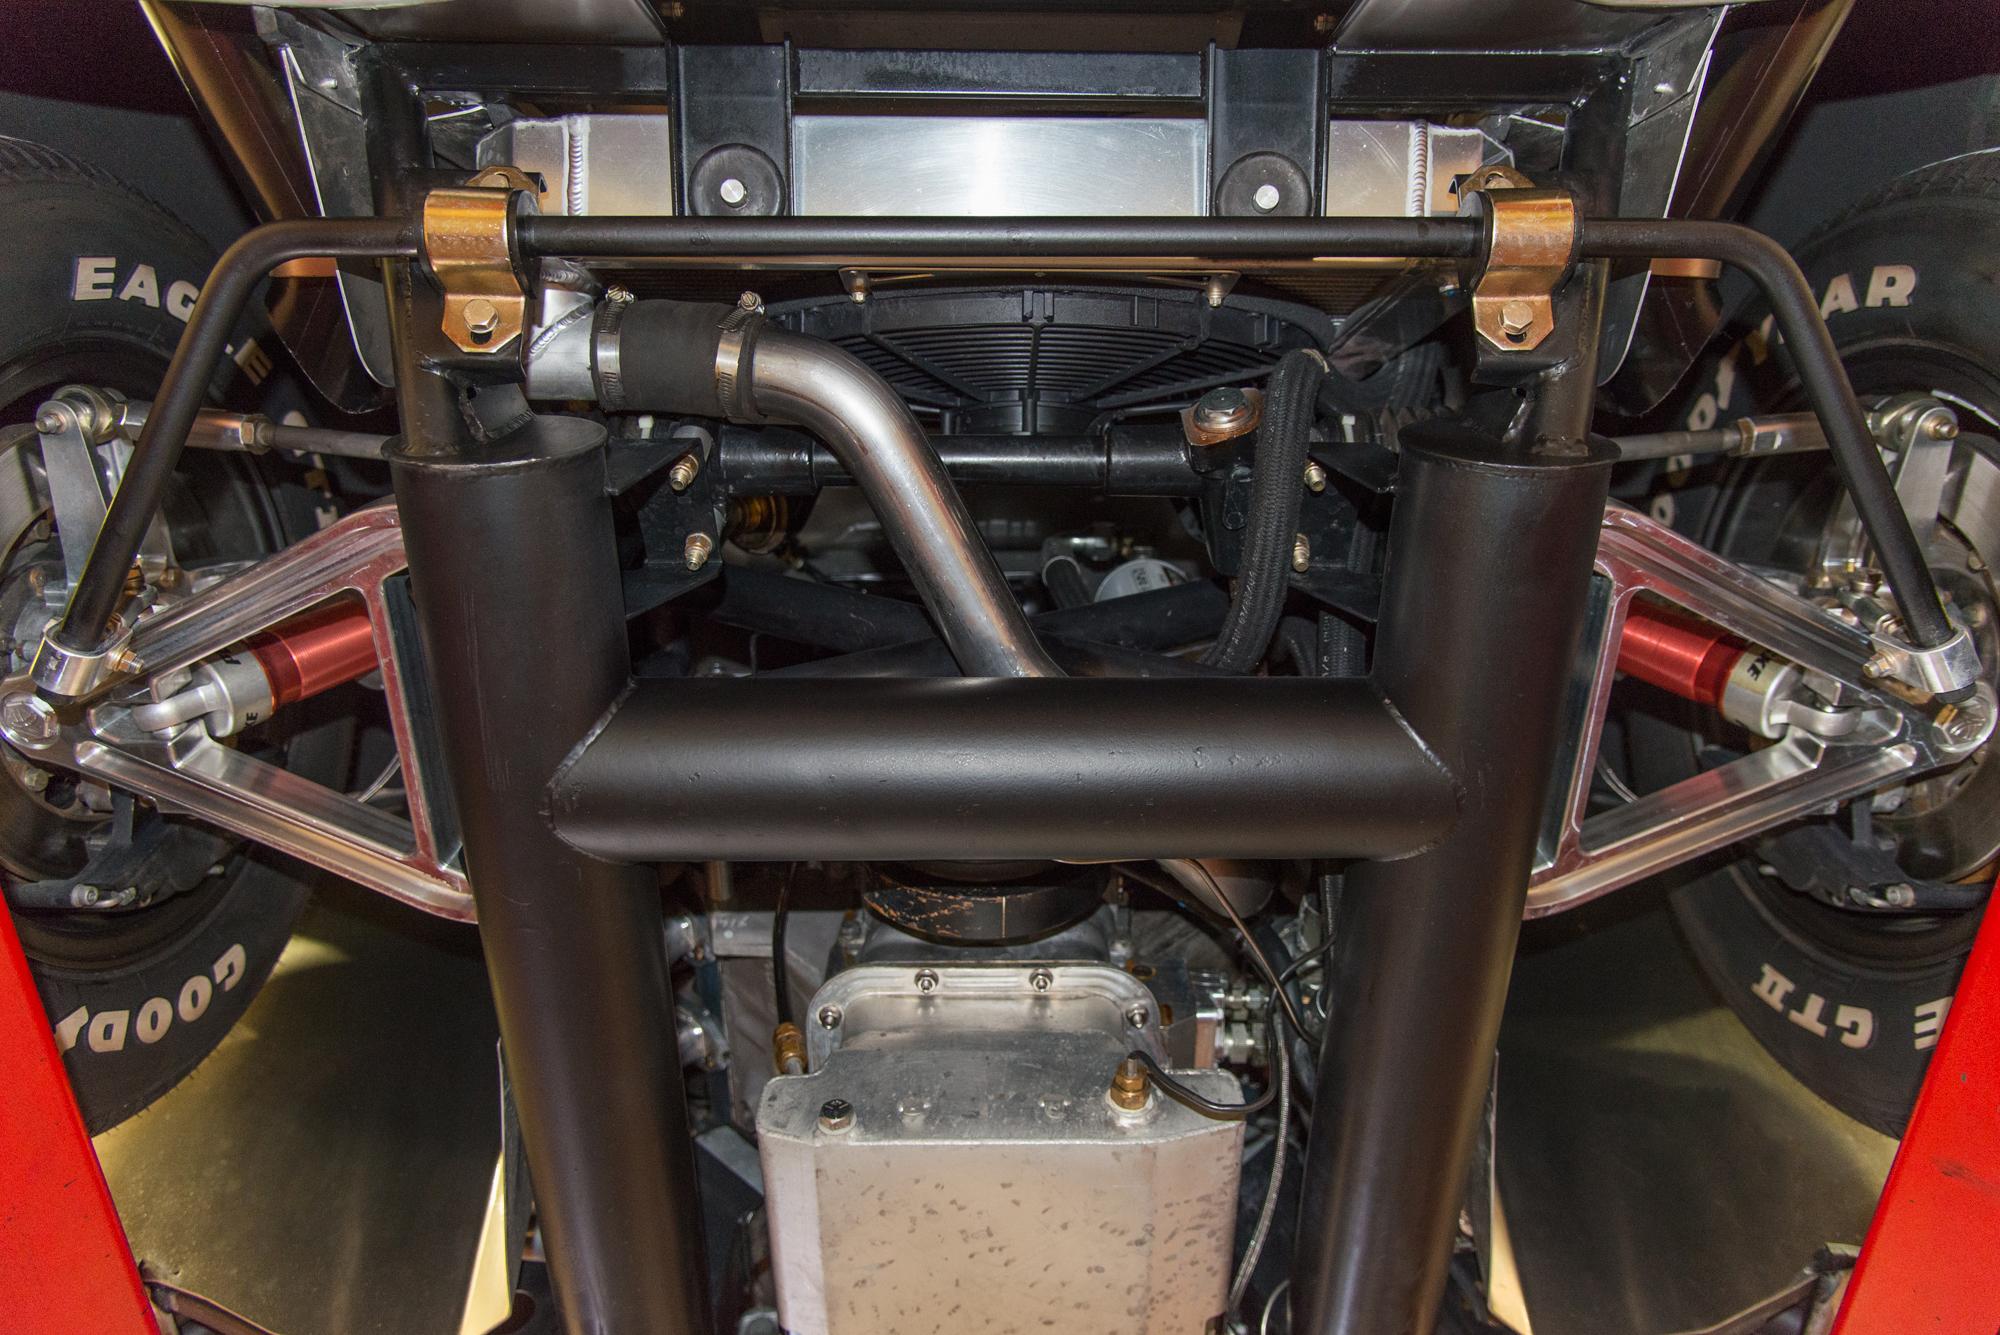 2005 Kirkham 427 Cobra , SILVER, VIN KC4HSLC0389, MILEAGE 2234